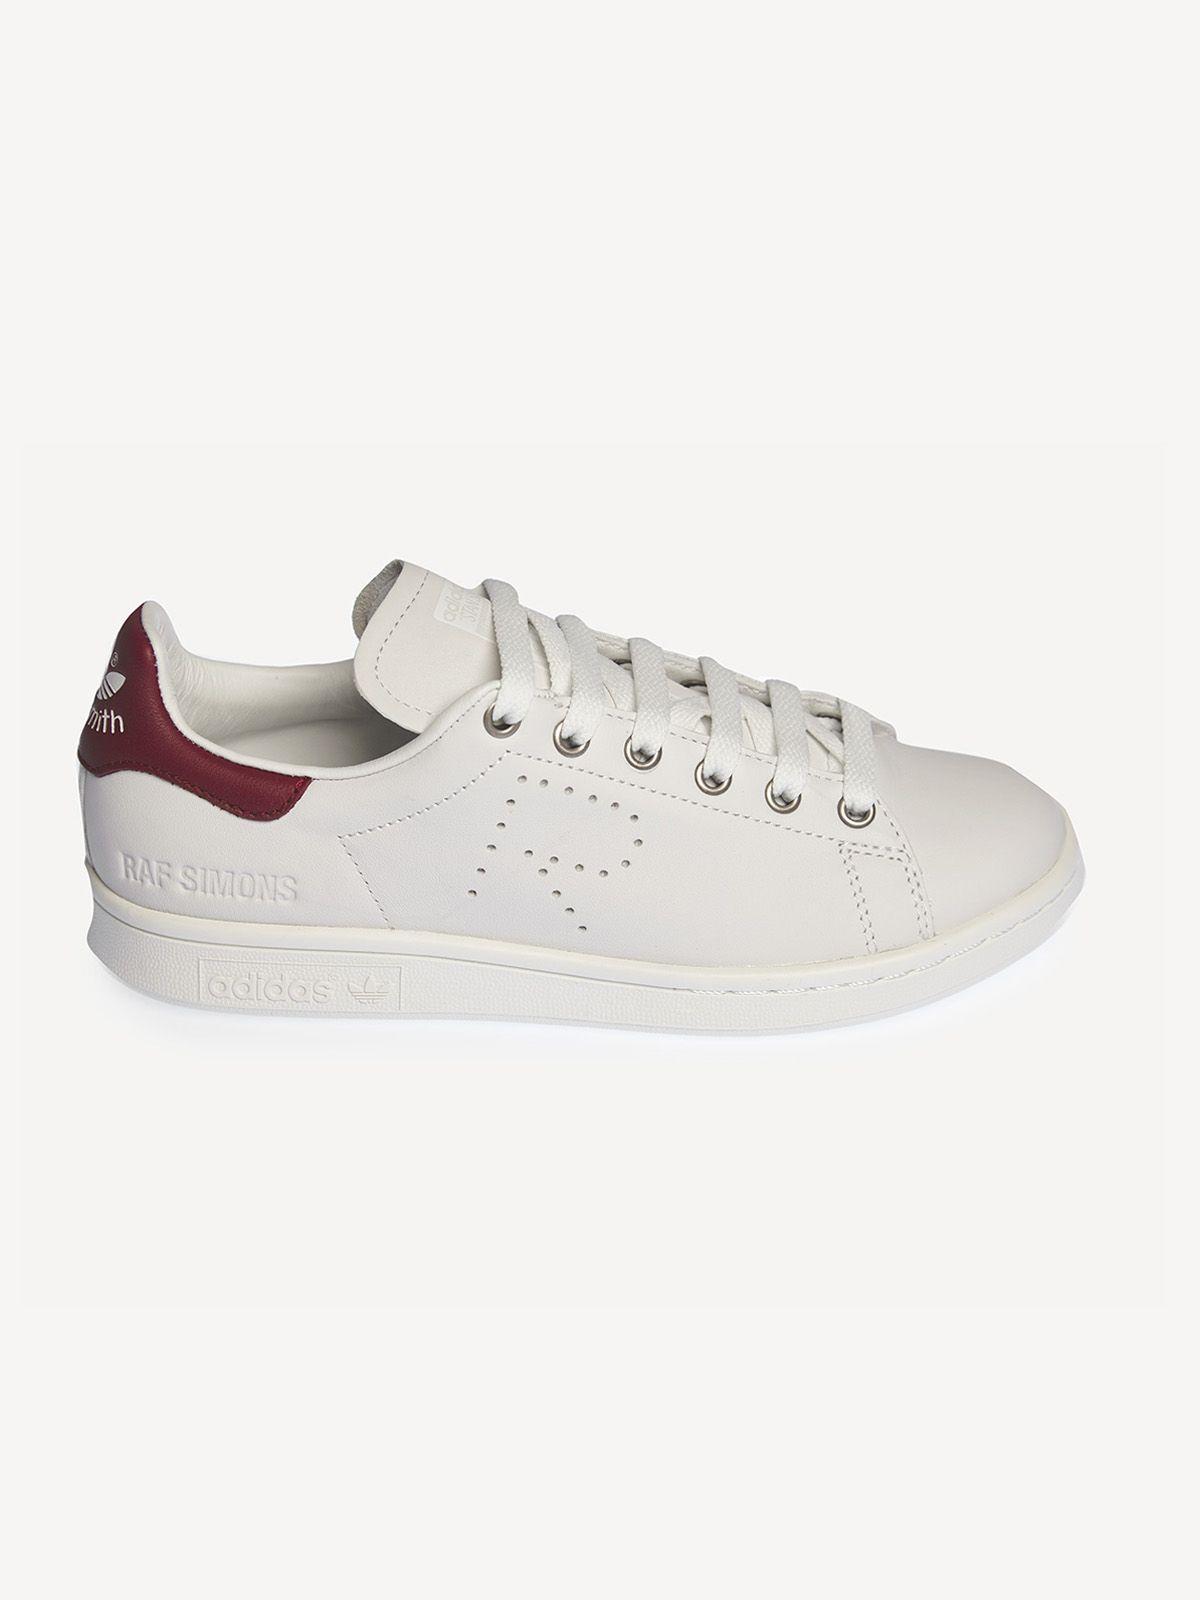 Scarpe Adidas Stan Smith Bianco Argento Cristalli sneakers